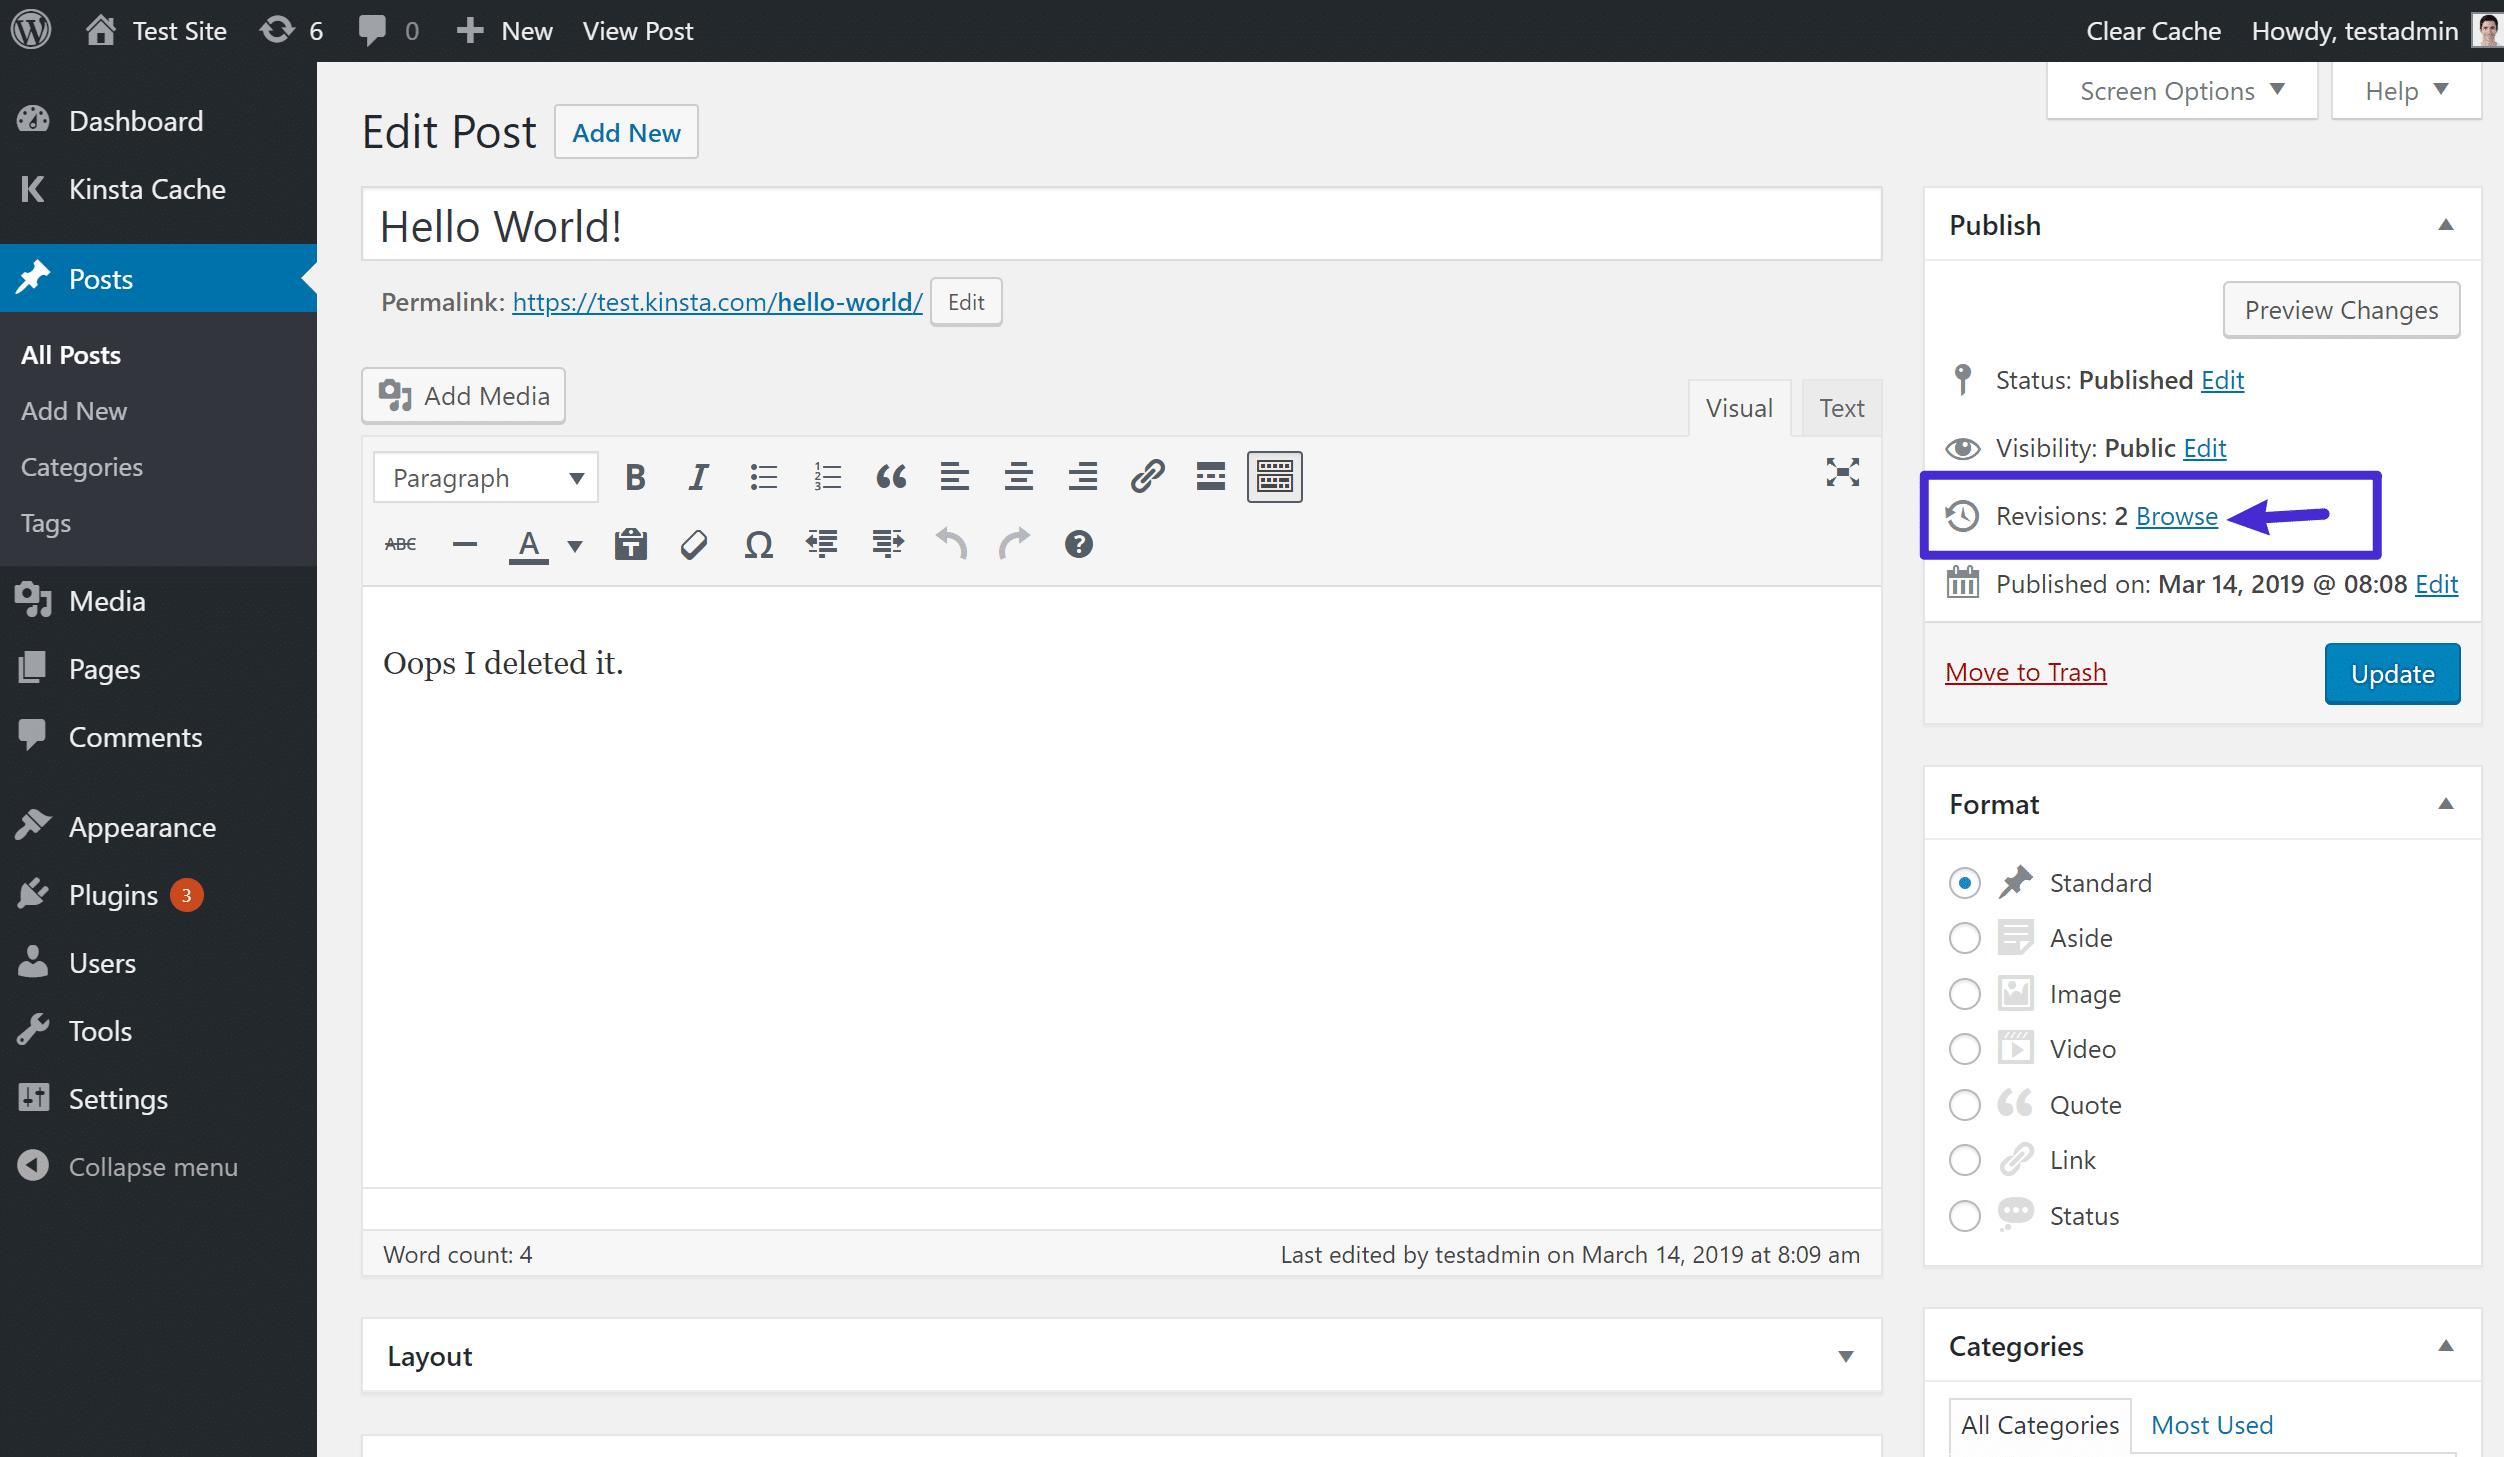 Sådan får du adgang til revisioner i Classic-editoren